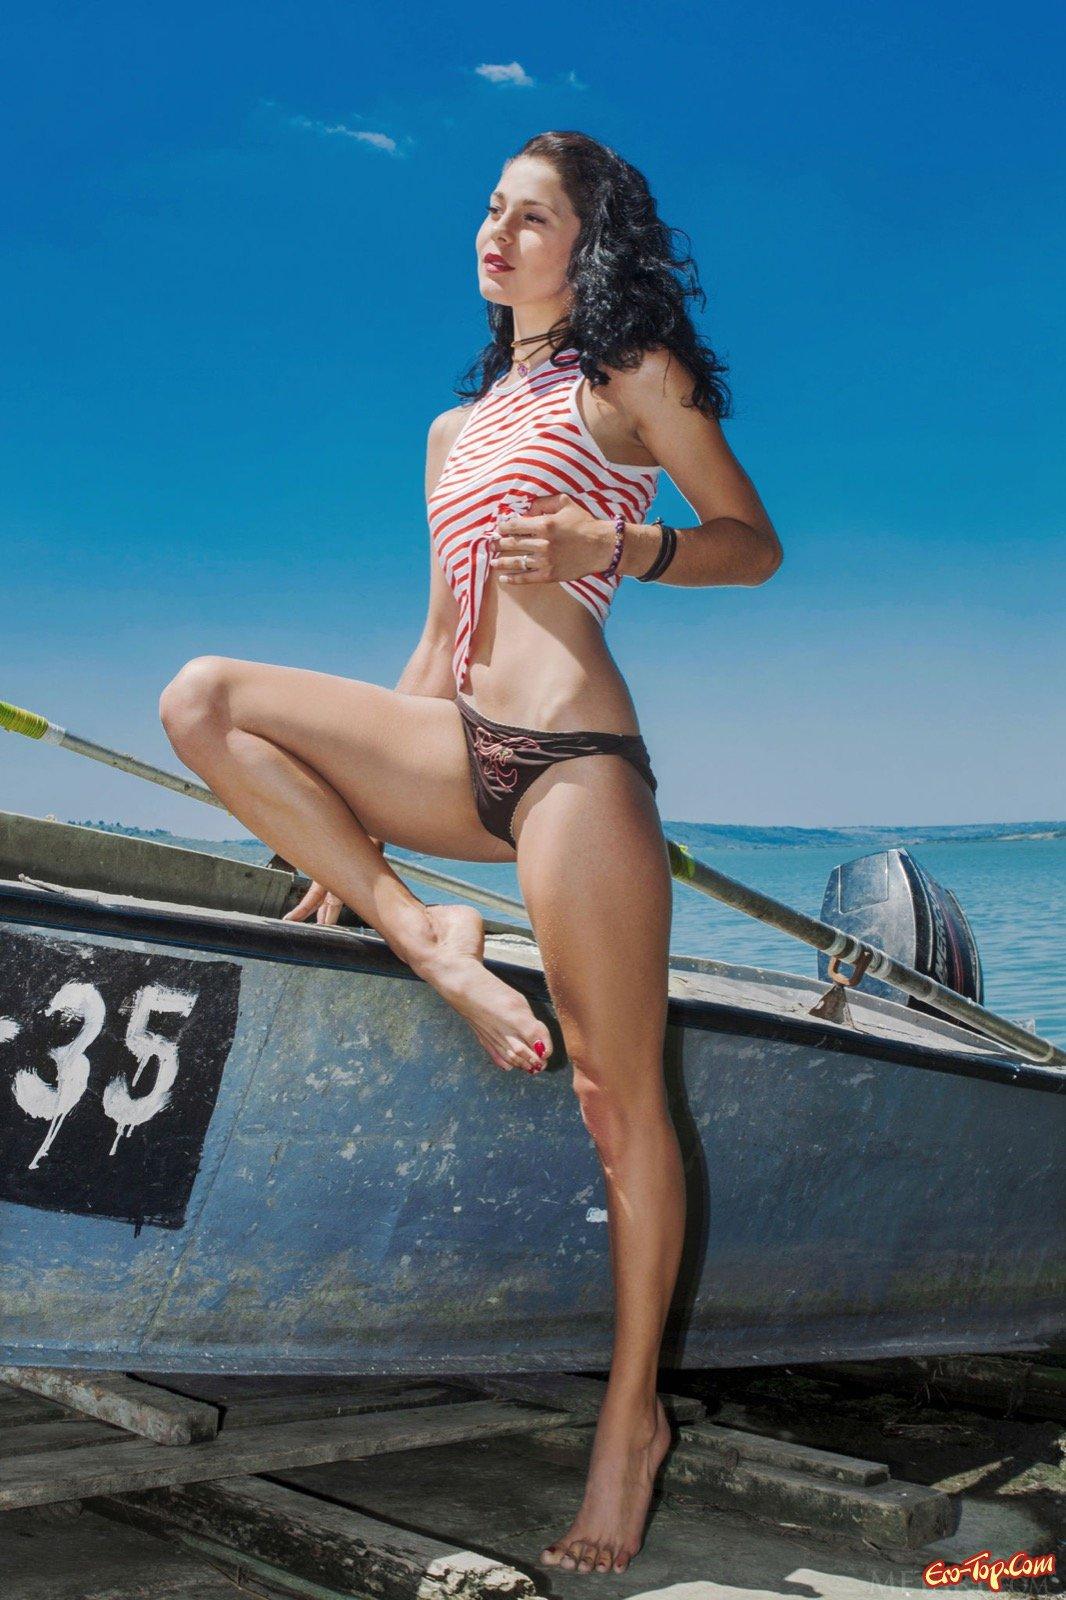 Красотка сняла трусики и позирует рядом с лодкой